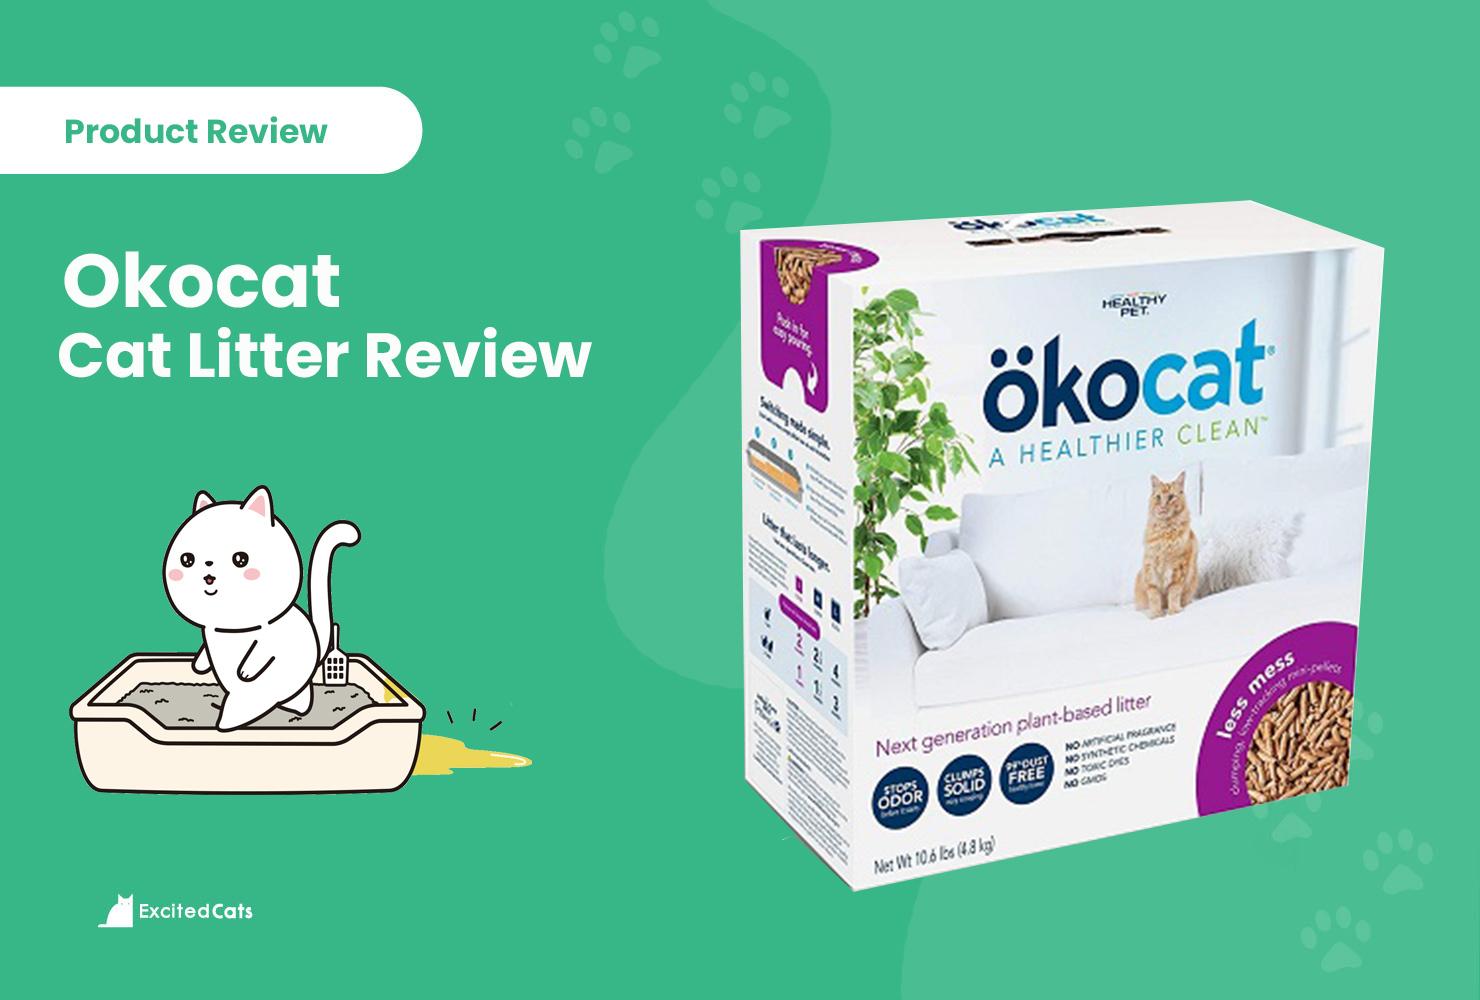 okocat litter review